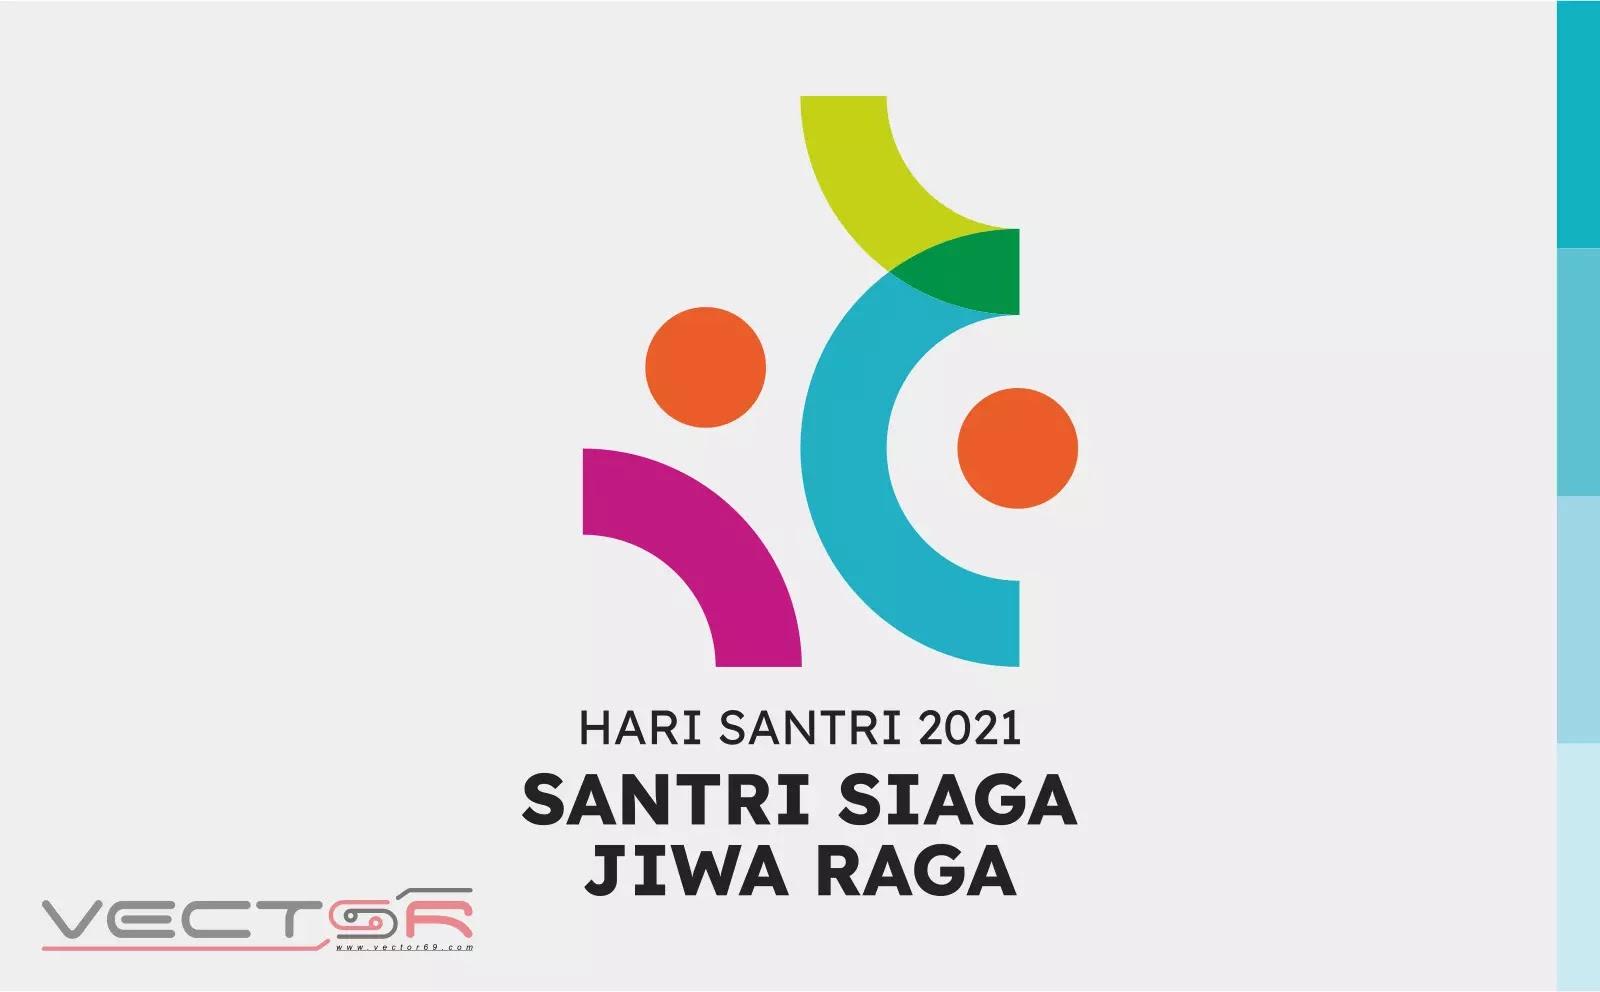 HSN (Hari Santri Nasional) 2021 Kemenag RI Logo - Download Vector File SVG (Scalable Vector Graphics)